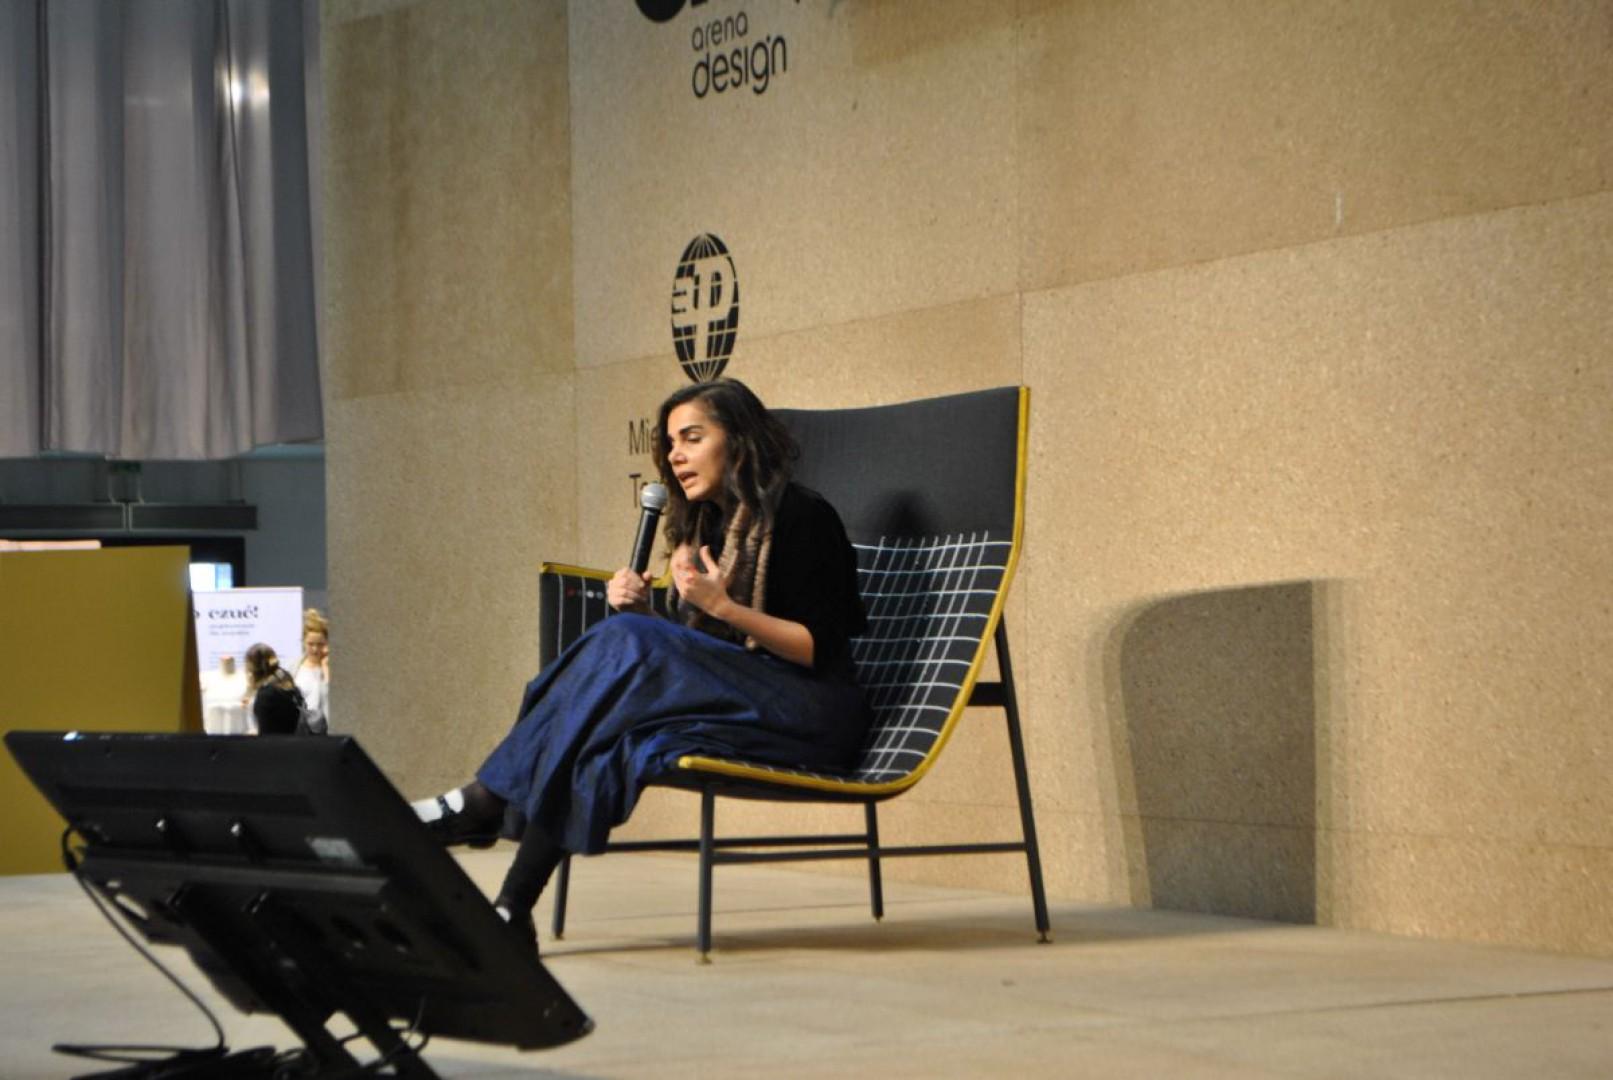 Nipa Doshi, współzałożycielka studia Doshi Levien, na Arena Design. Fot. Mariusz Golak